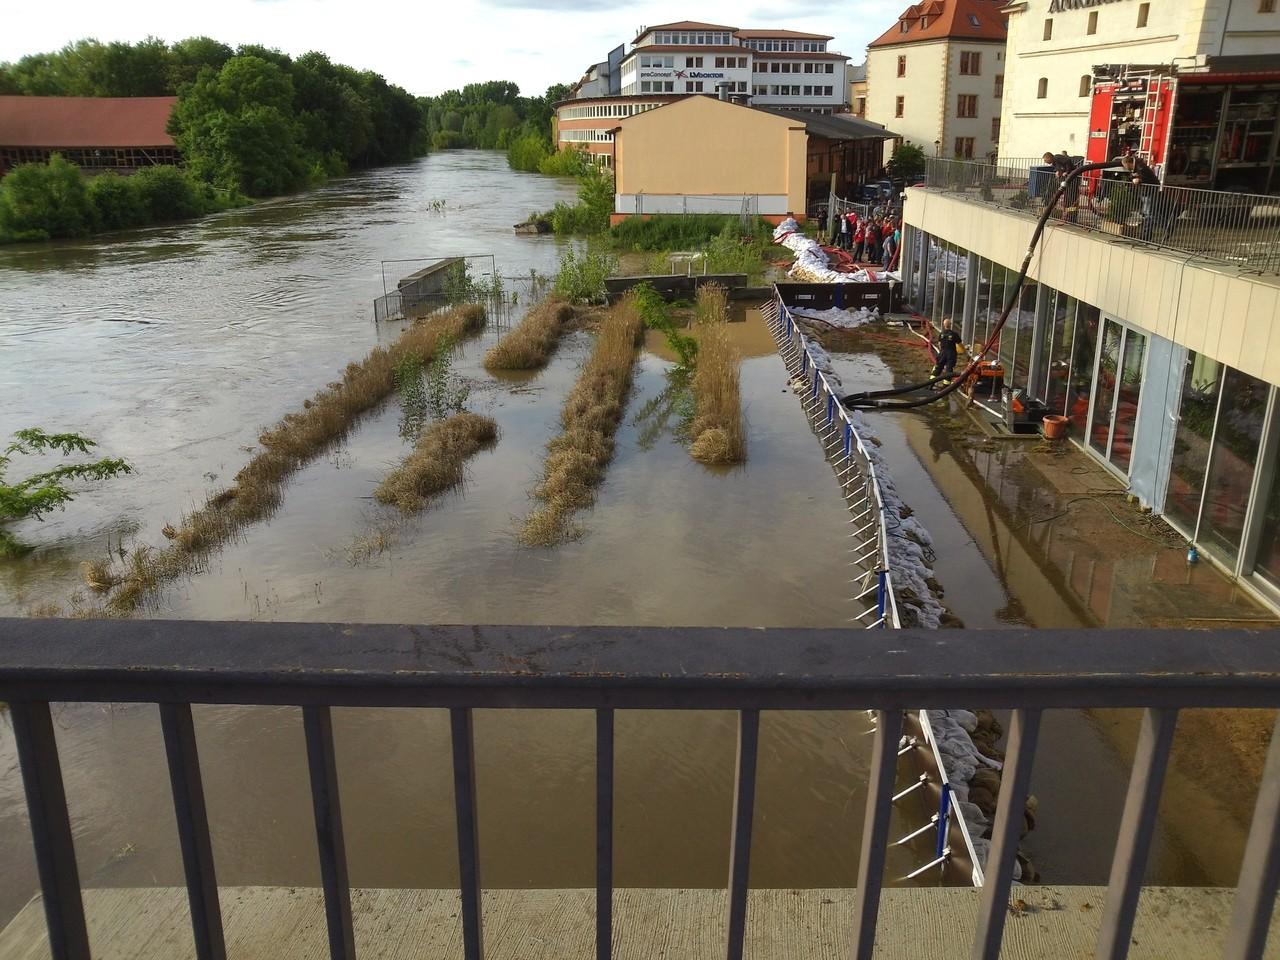 Mansfelder Brücke - noch hält die Spundwand bereits einen Tag später wird sie von den Fluten eingerissen und das Multimediazentrum geflutet